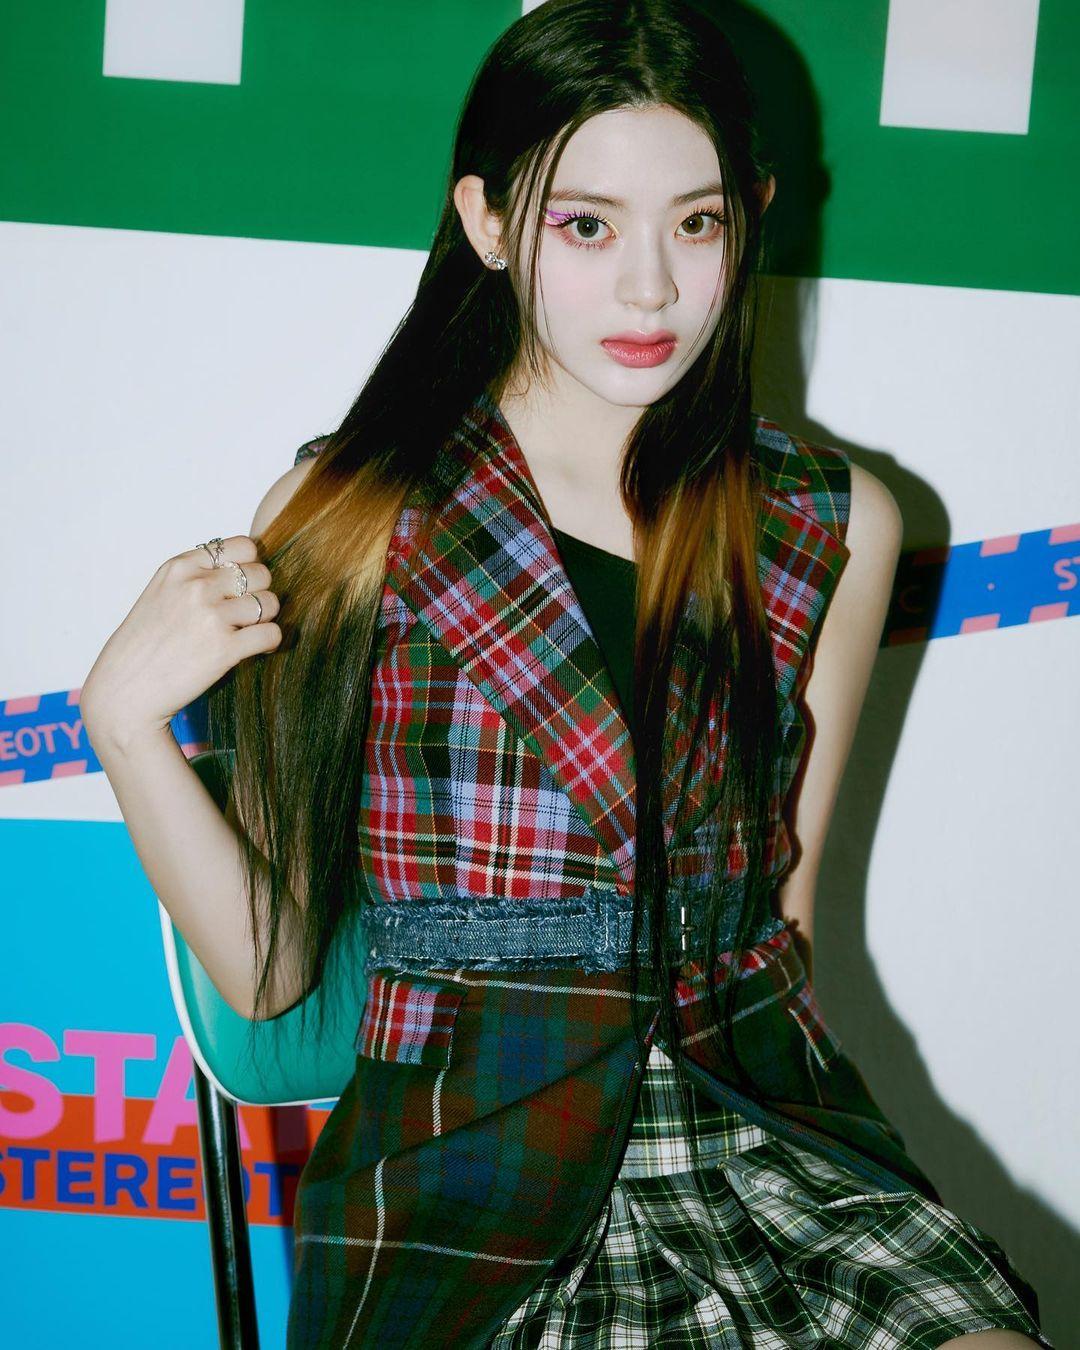 Se Eun cũng được tạo kiểu tóc màu nổi nhưng fail không kém. Phần tóc của cô nàng được chia làm 3 khúc với phần giữa tẩy nhuộm tông nâu vàng như bị cháy nắng, không hề ăn nhập với phần tóc tối màu còn lại.